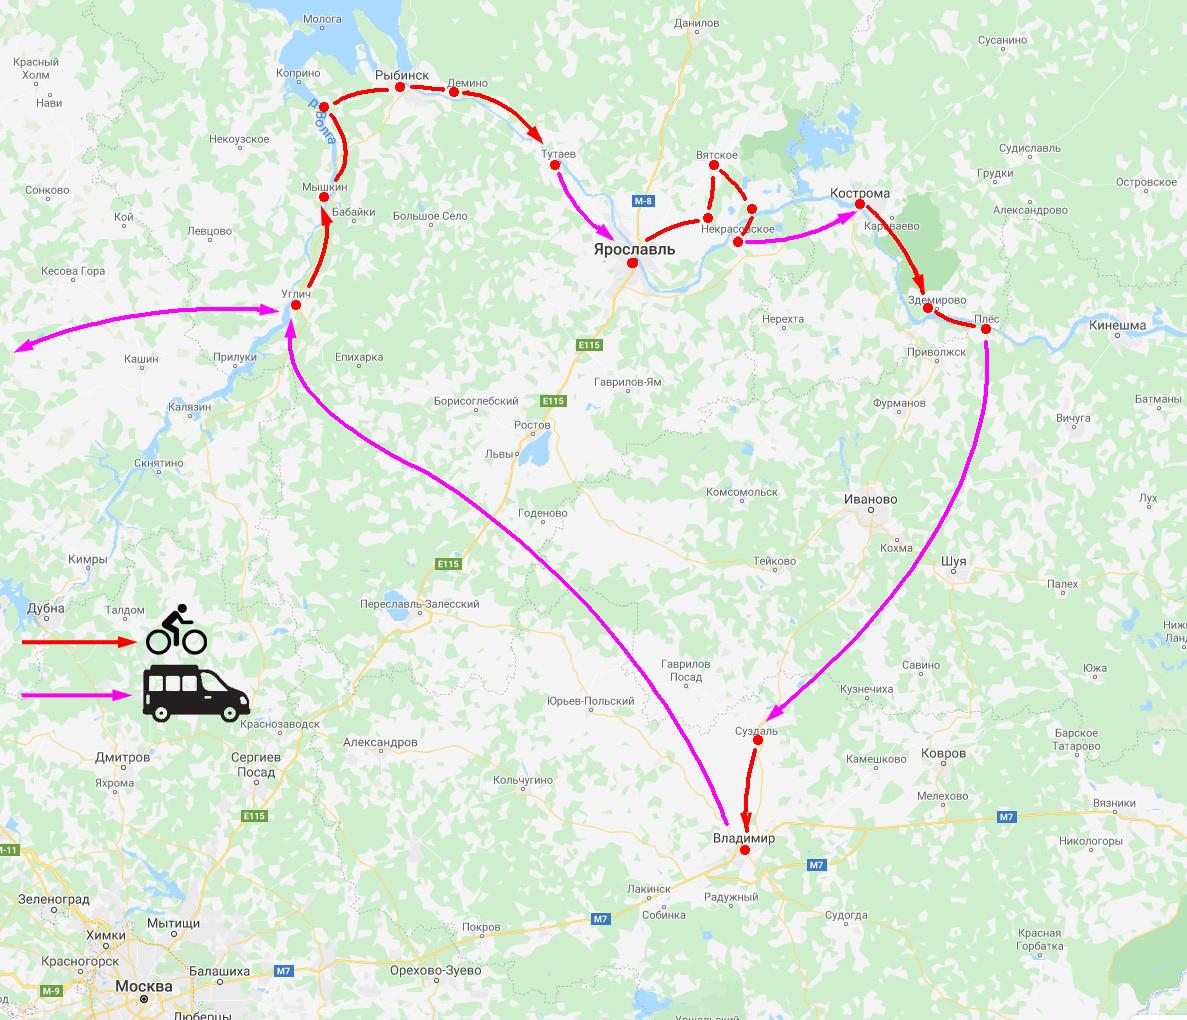 Схема маршрута вело-тура по Золотому Кольцу России